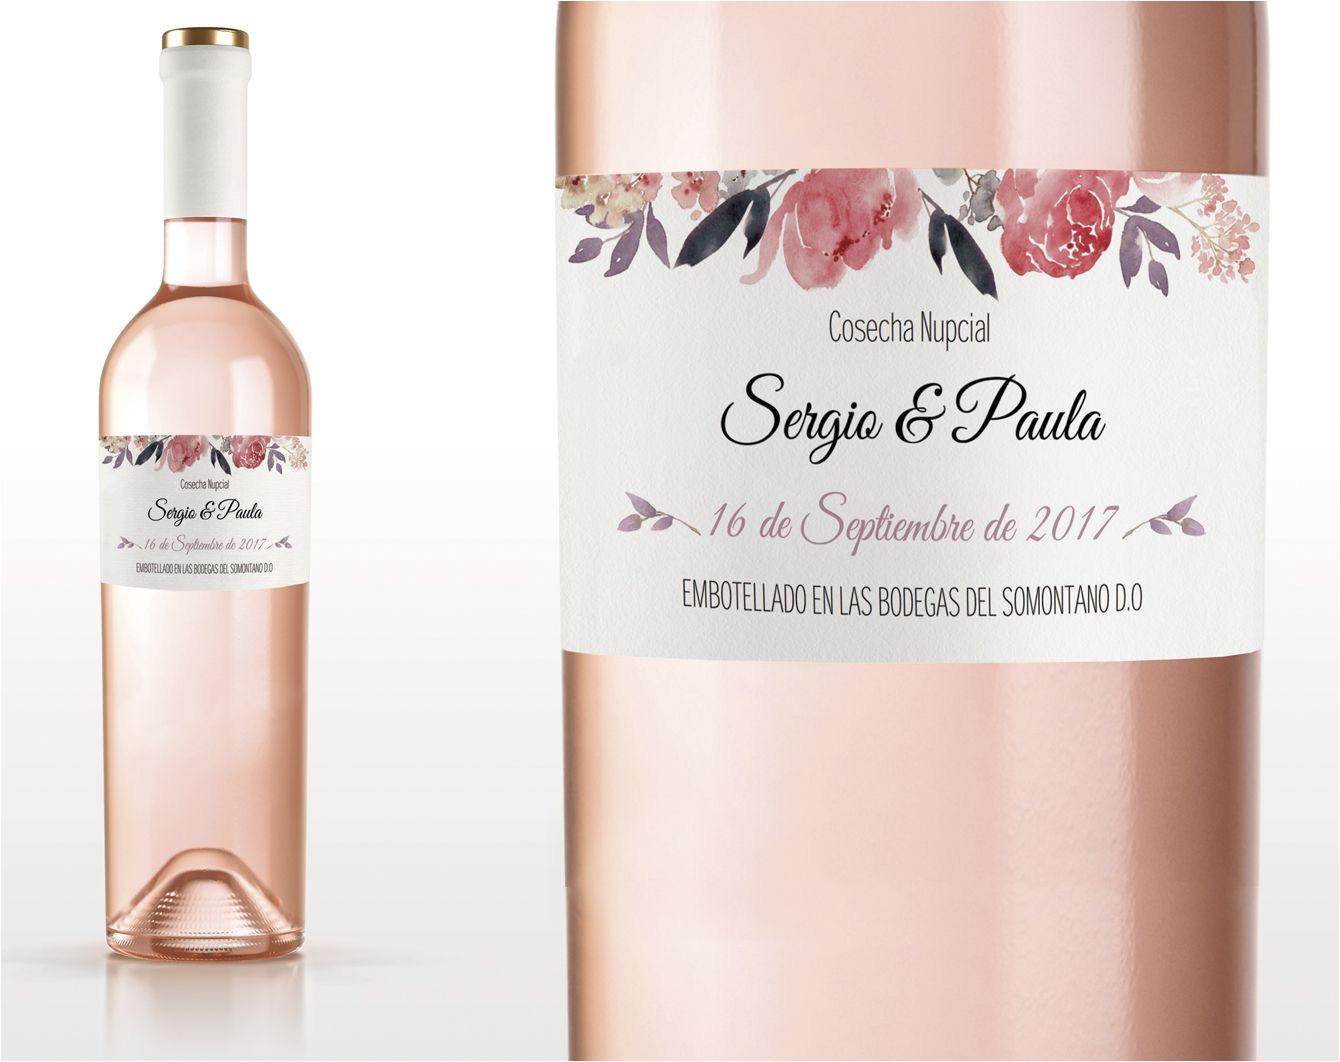 etiqueta de vino imprimible plantilla pdf sweet emotion plantilla pdf invitaciones imprimibles para bodas tarjetas de boda para imprimir desde casa